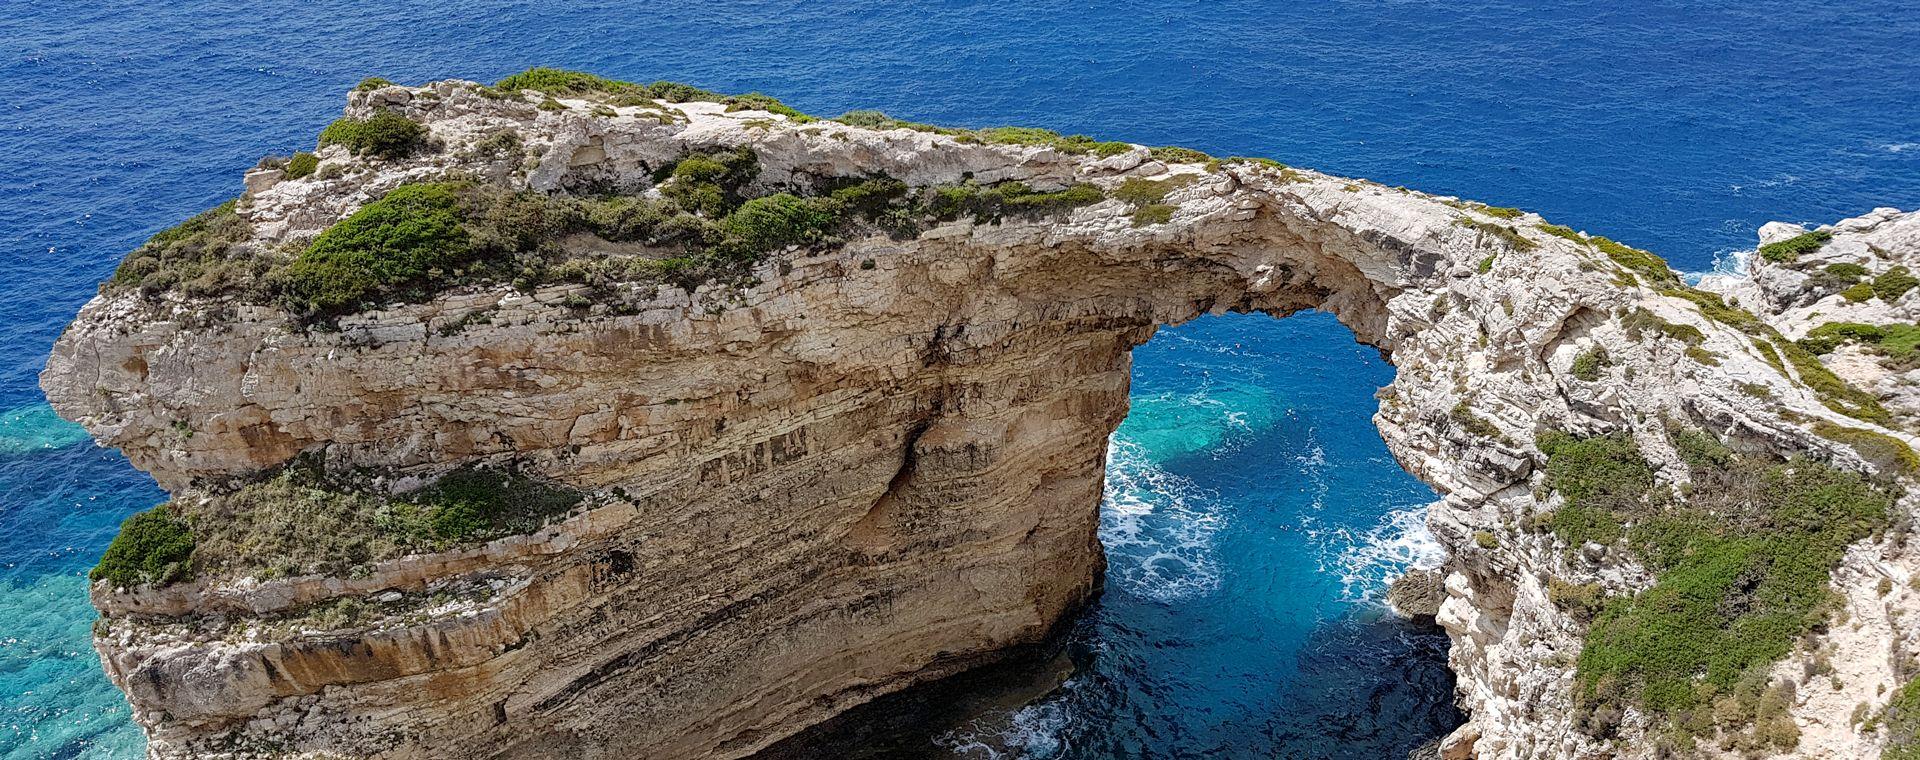 Image Corfou et Paxos, merveilles des îles Ioniennes